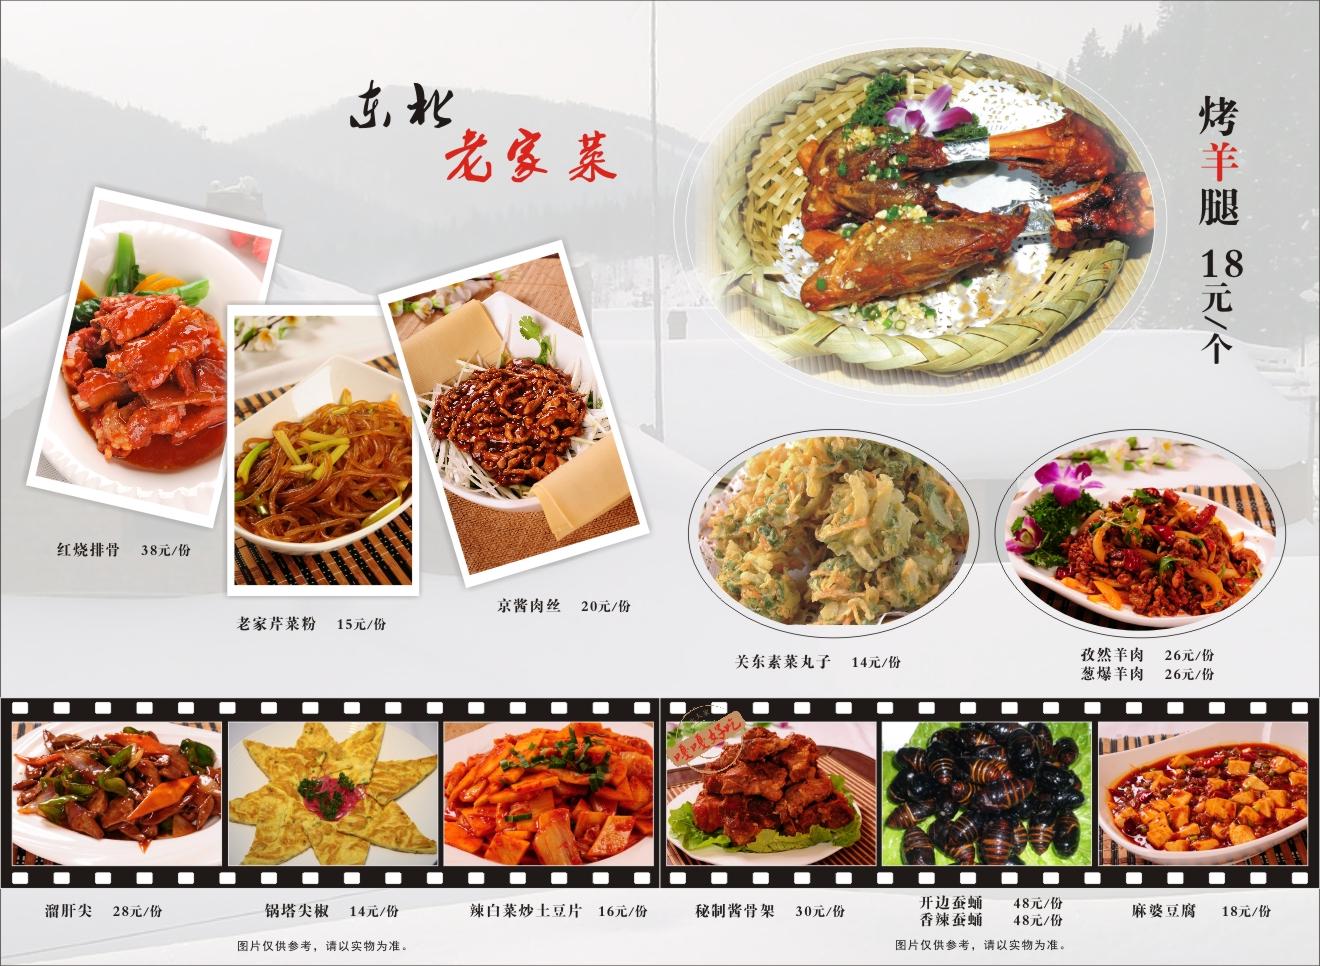 13菜谱册东北菜 餐馆菜单 东北菜菜谱